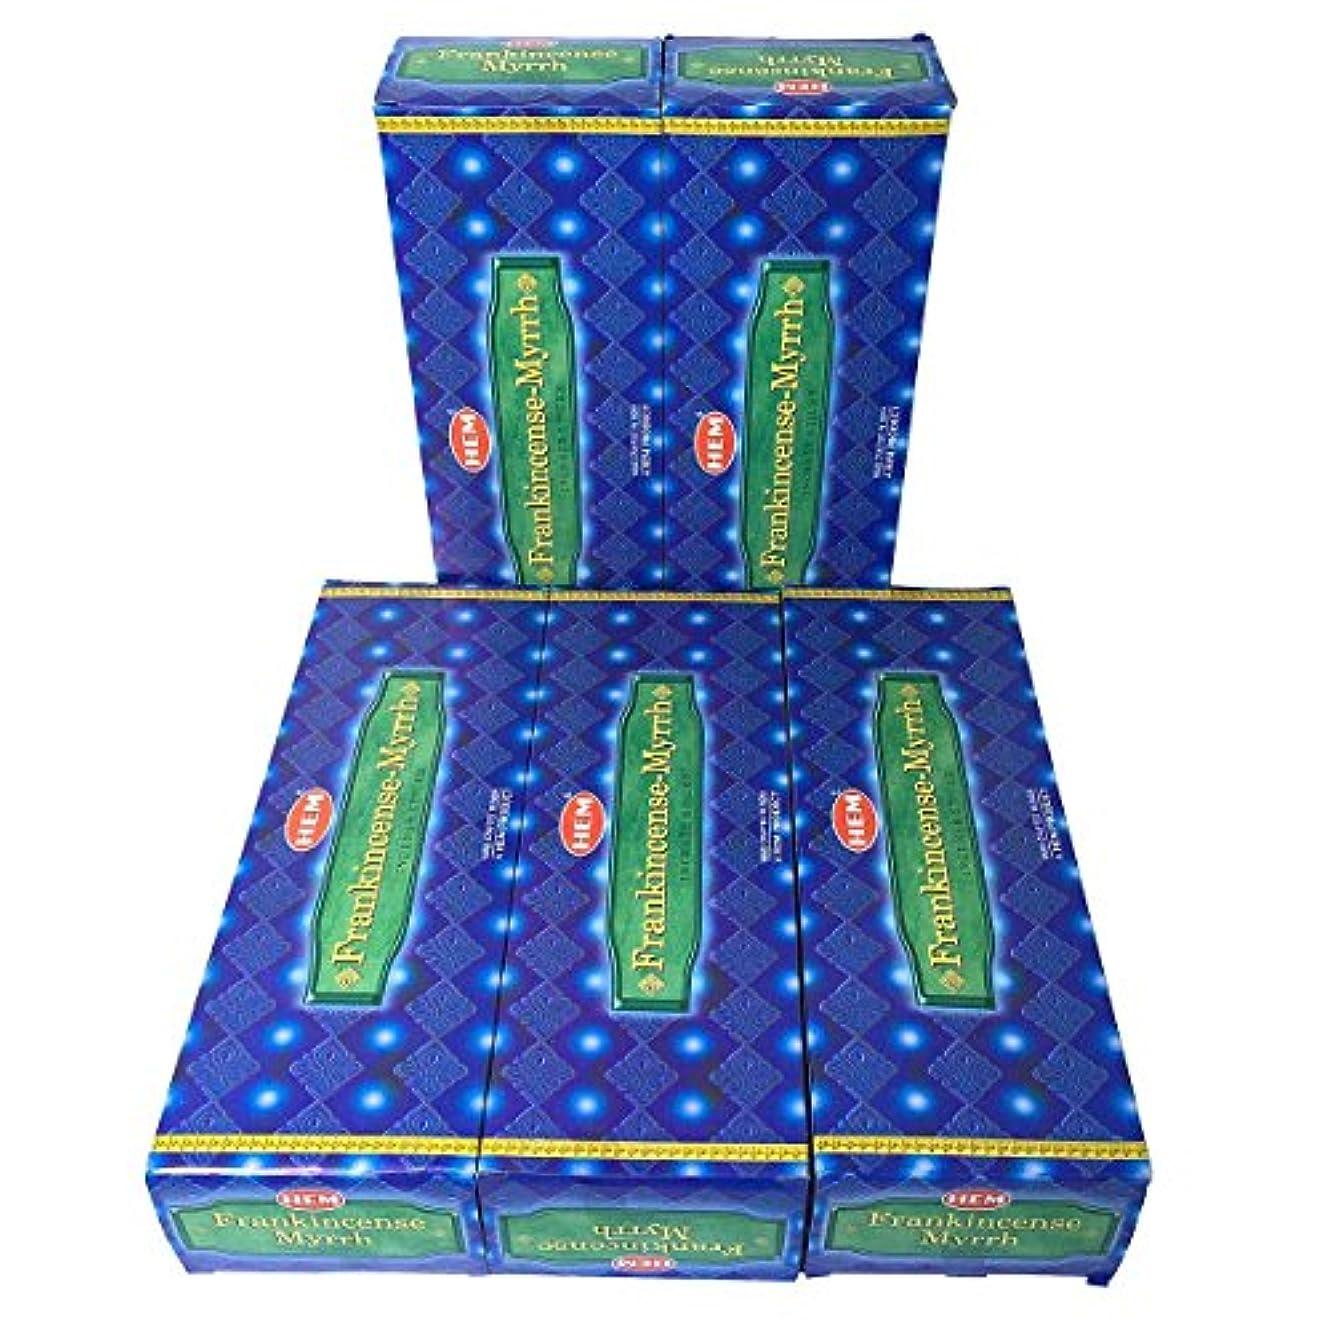 パイ星教えてHEM フランキンセンス-ミルラ香 スティック 5BOX(30箱)/HEM FRANKINCENSE MYRRH/ インド香 / 送料無料 [並行輸入品]